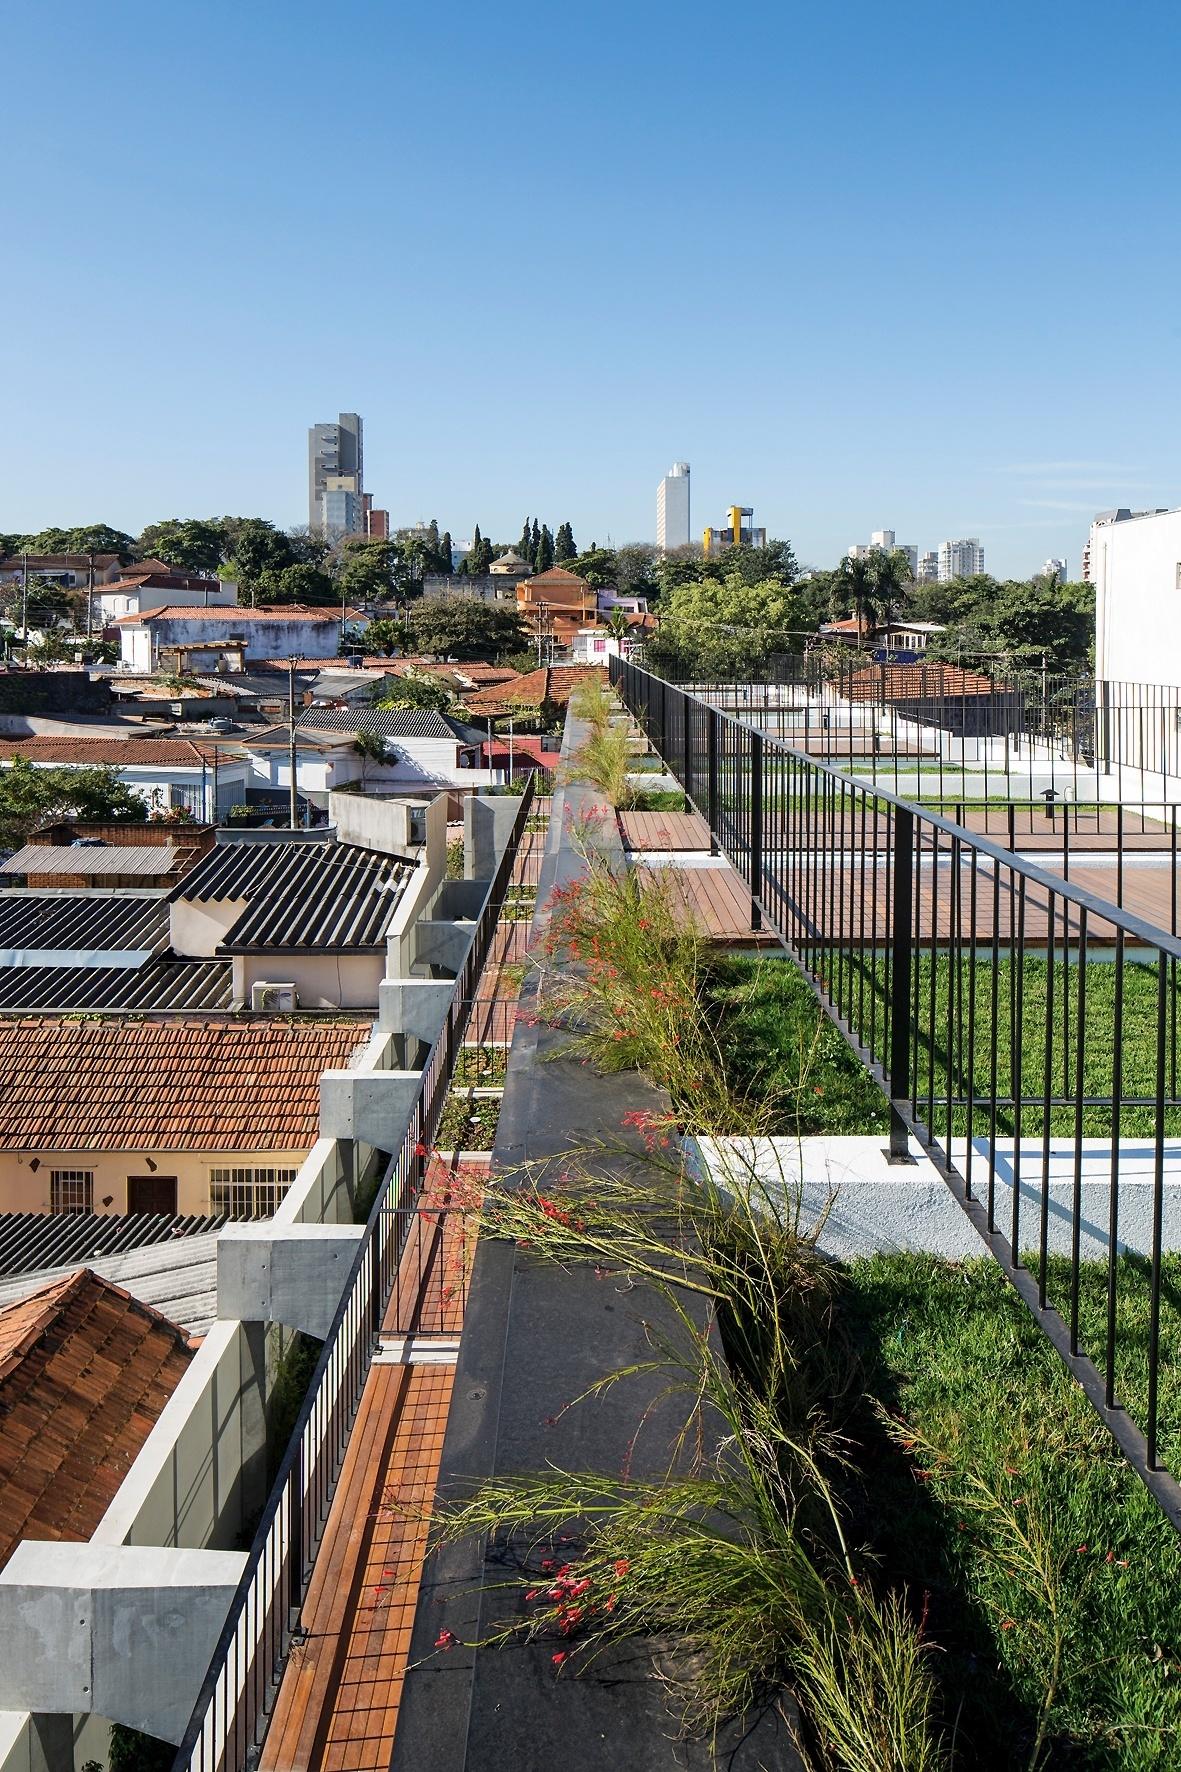 Desse ângulo, vê-se a sequência de terraços das oito unidades do predinho chamado Vila Aspicuelta, projetado pelo escritório Tacoa Arquitetos, e, ainda, as vigas de transição que repousam sobre pilares embutidos no muro lateral (à esq.). No entorno, a paisagem da Vila Madalena, em São Paulo